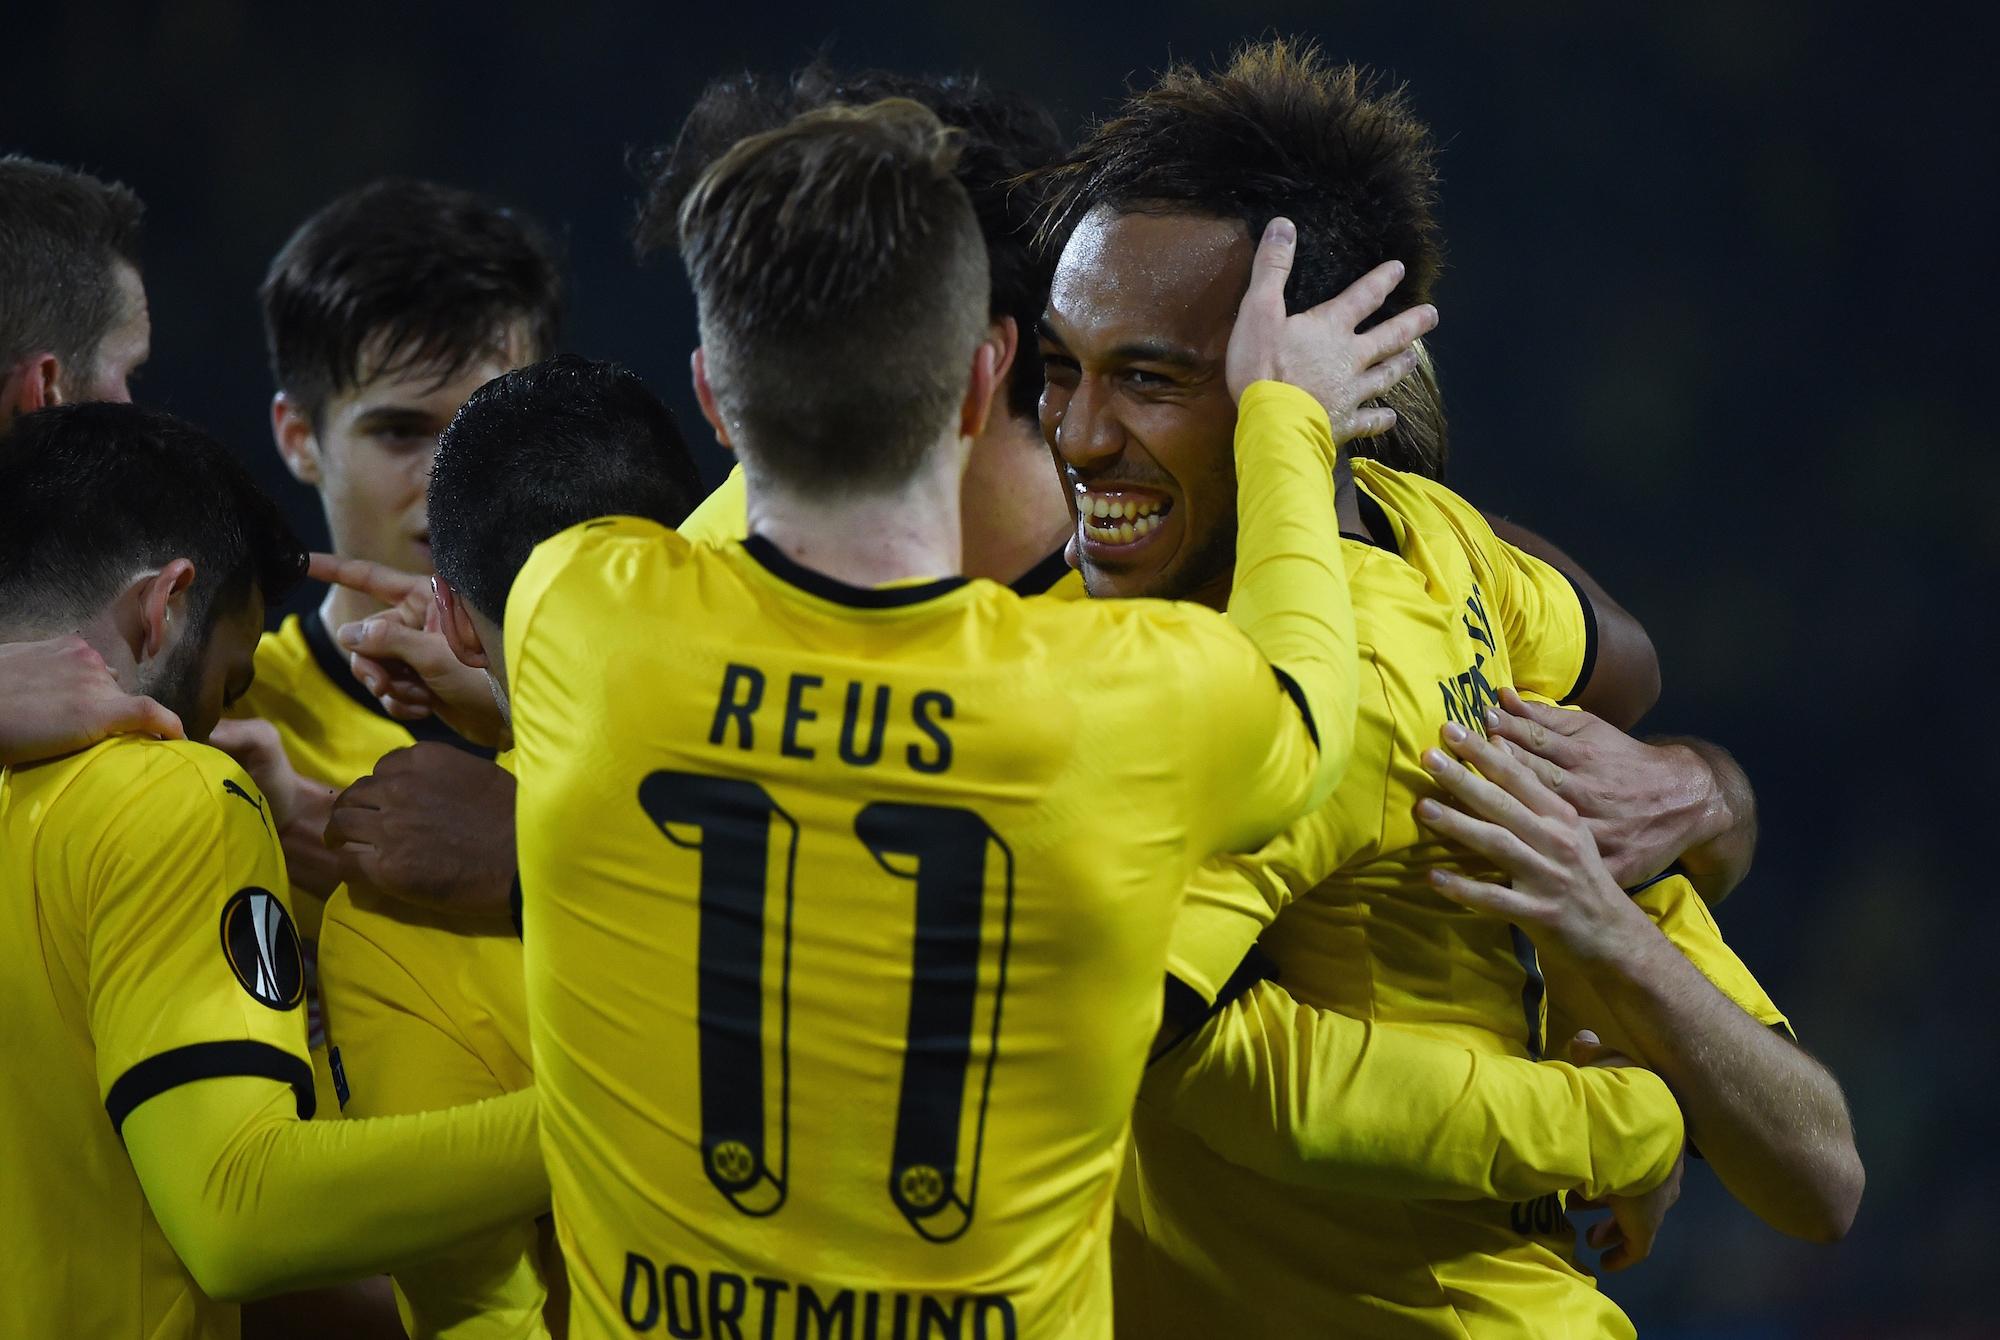 Il Borussia Dortmund è al momento la favorita alla vittoria di questa Europa League con una quota di 7/1. Dietro ci sono il Napoli a 11/1 e la Lazio a 17/1